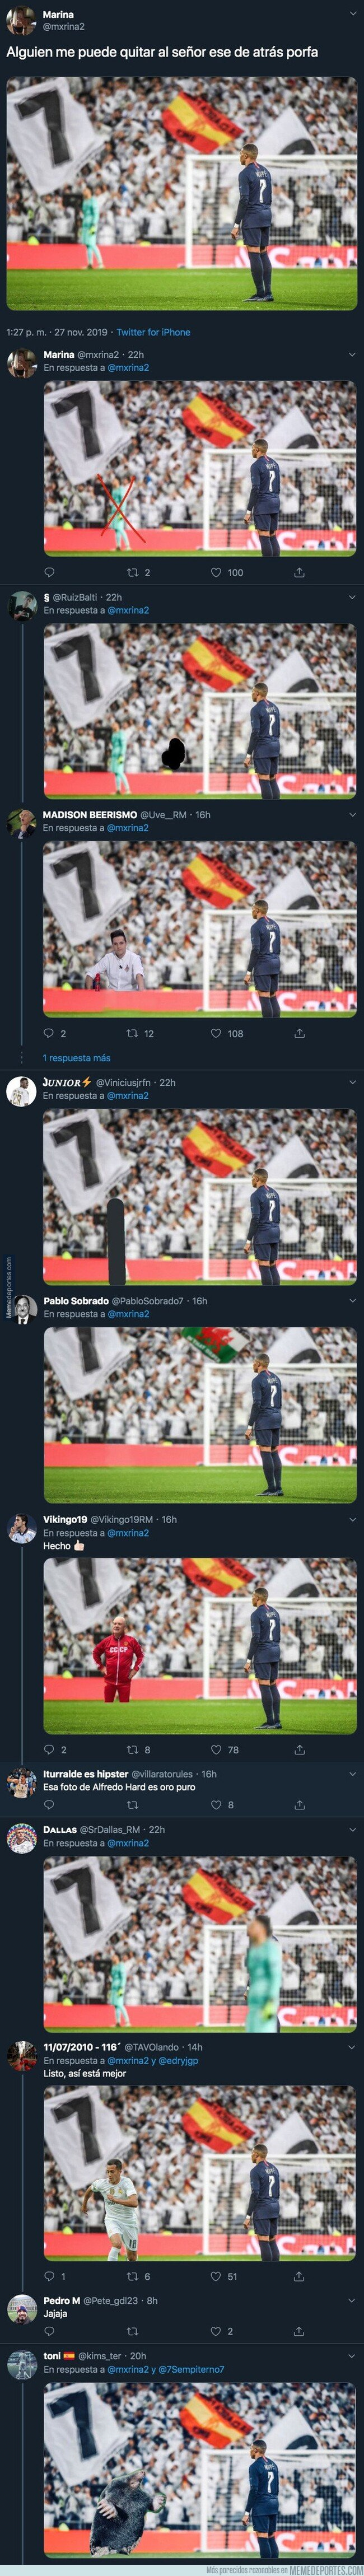 1092195 - Pide en Twitter que eliminen a Keylor Navas en esta foto que sale Mbappé en el Bernabéu e internet hace magia con estas respuestas